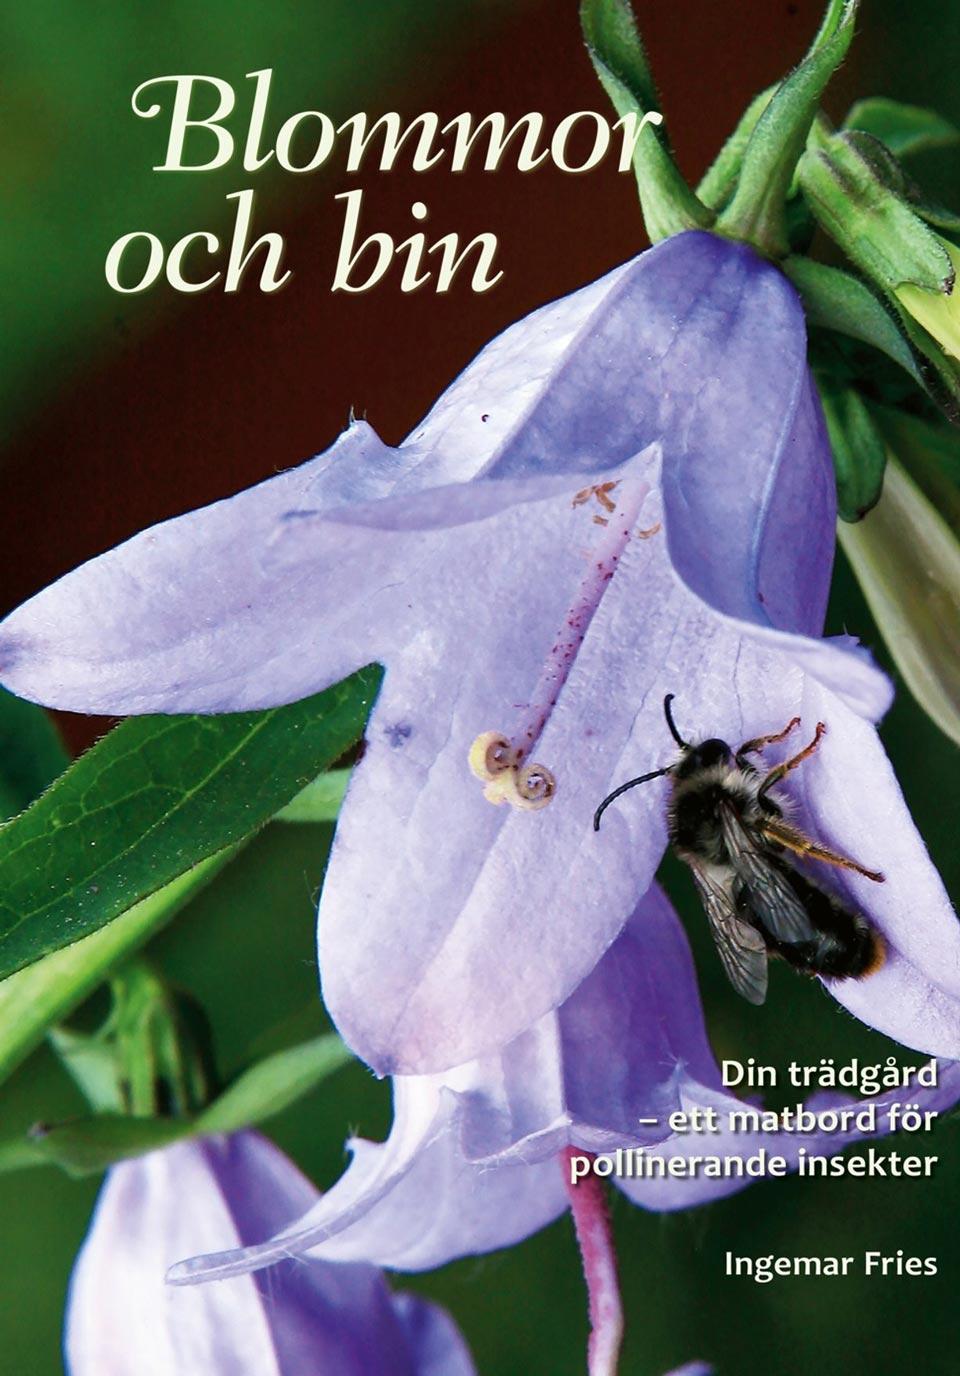 blommor-och-bin